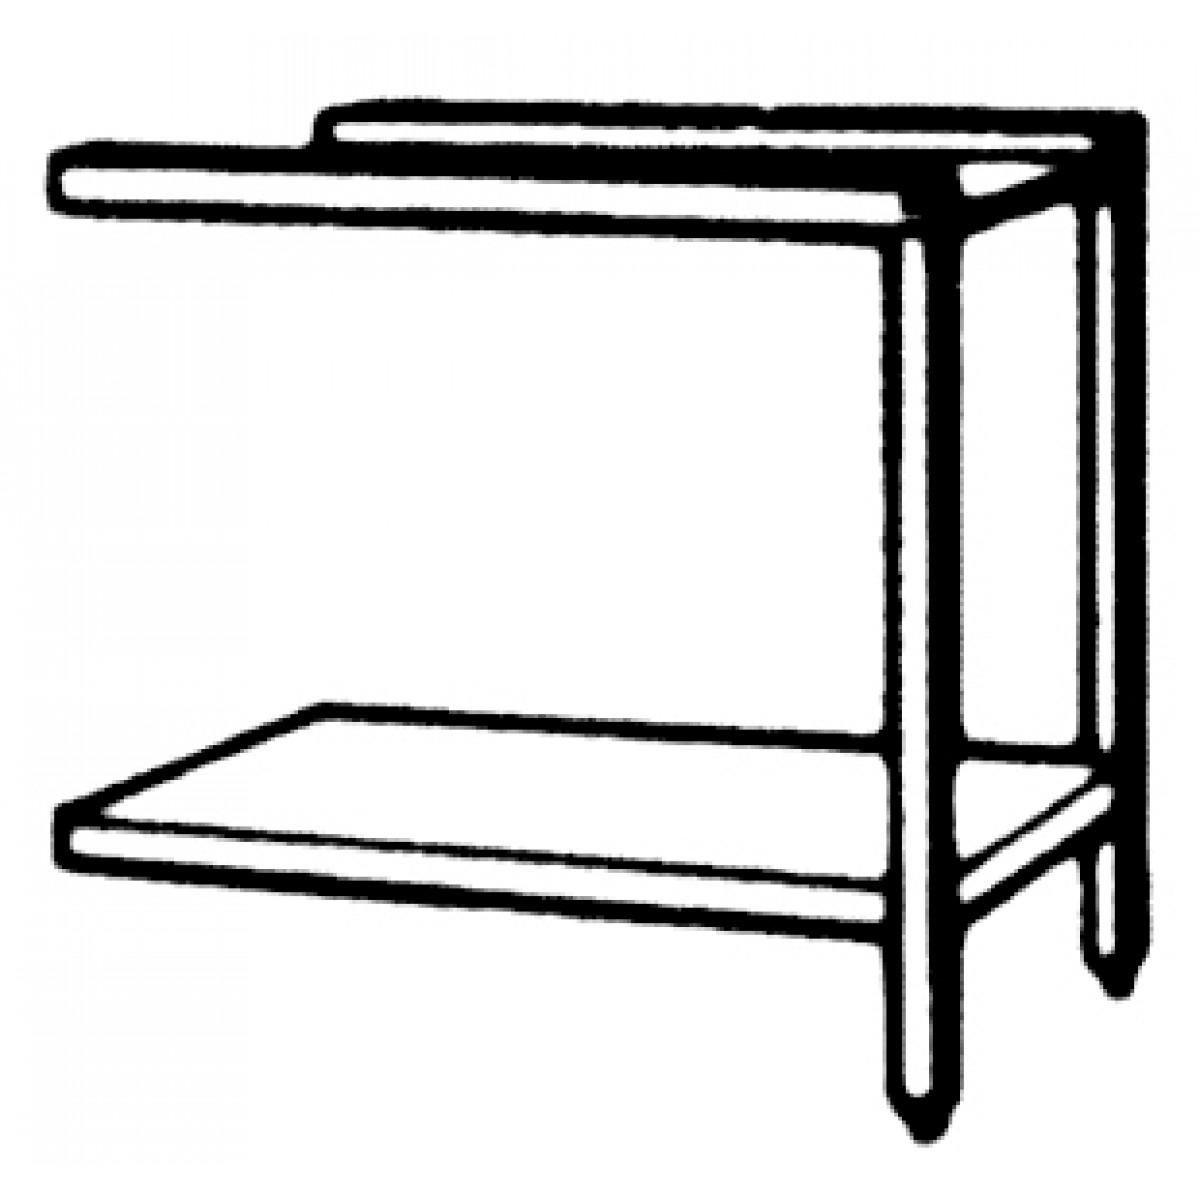 Tilogaflbsbordihjreside-35